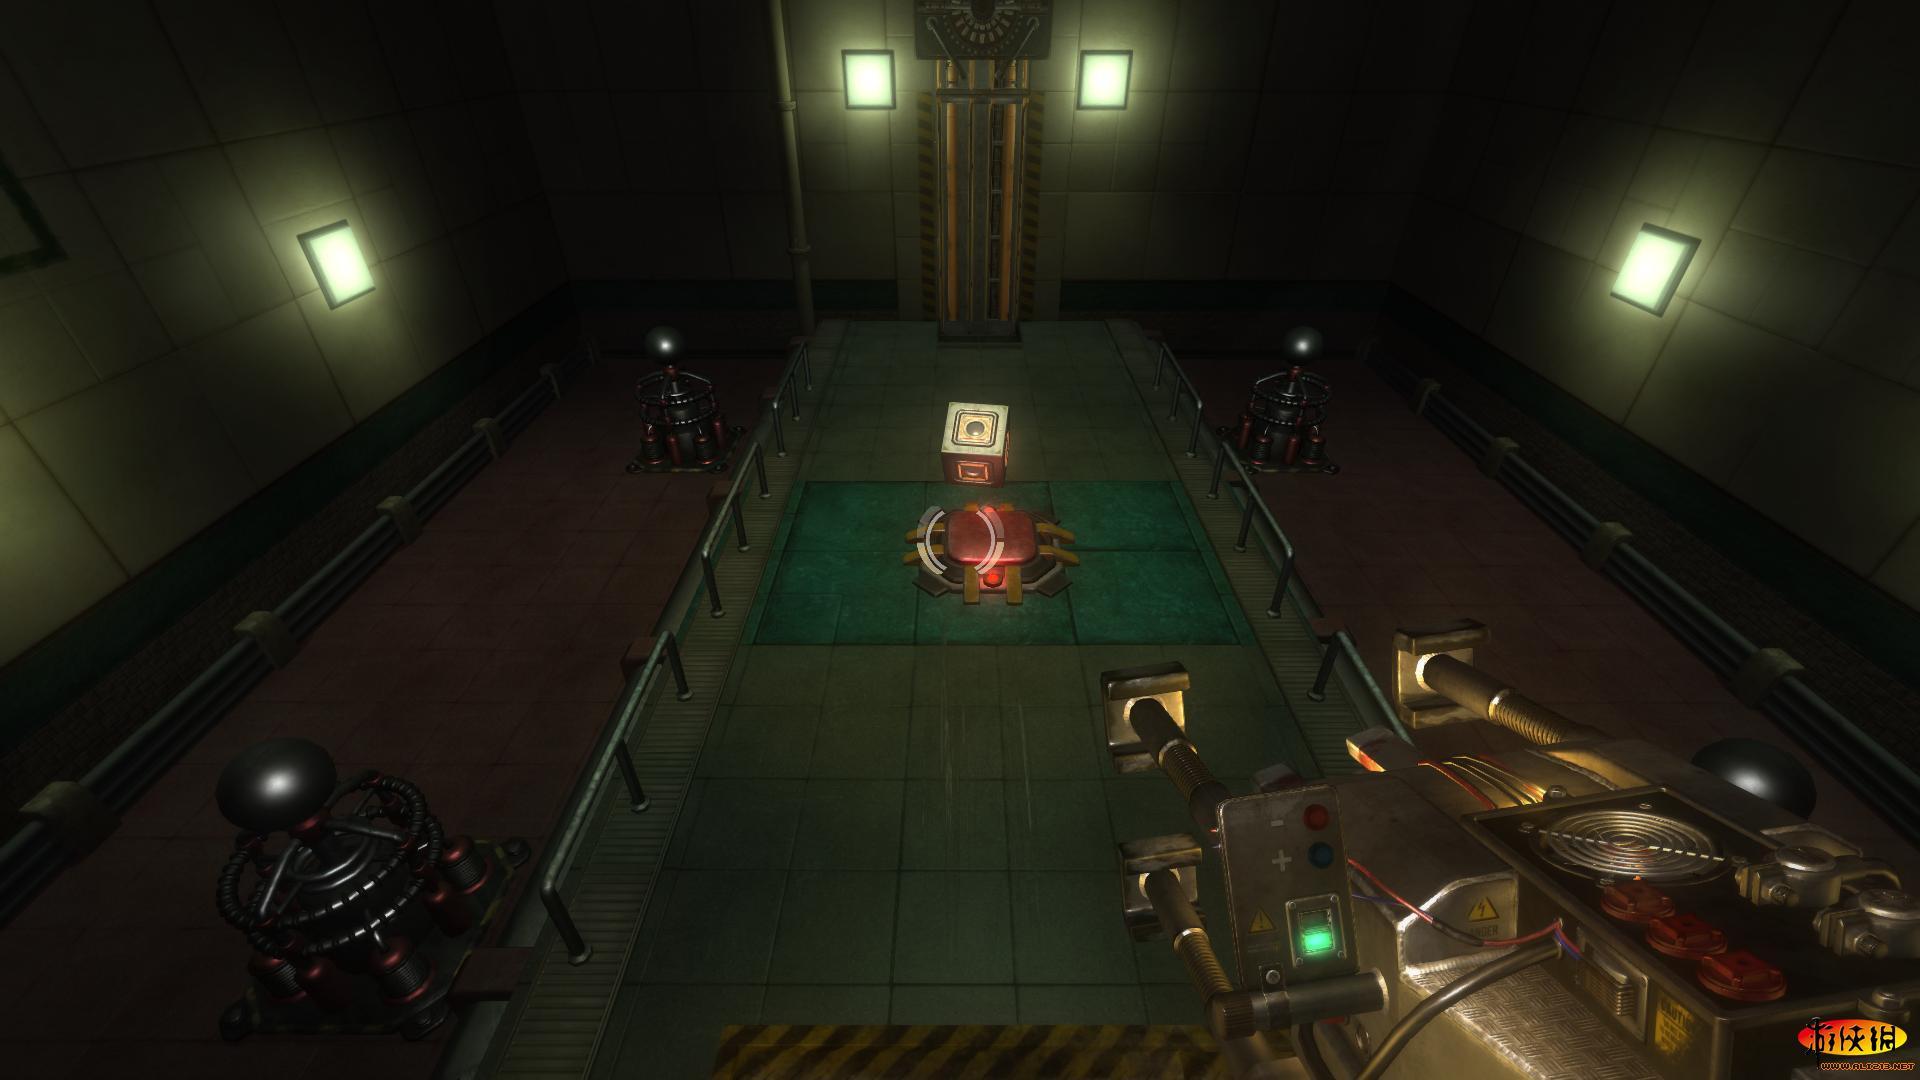 《磁力:牢笼紧闭》游戏评测:略违和的密室逃脱【游侠攻略组】